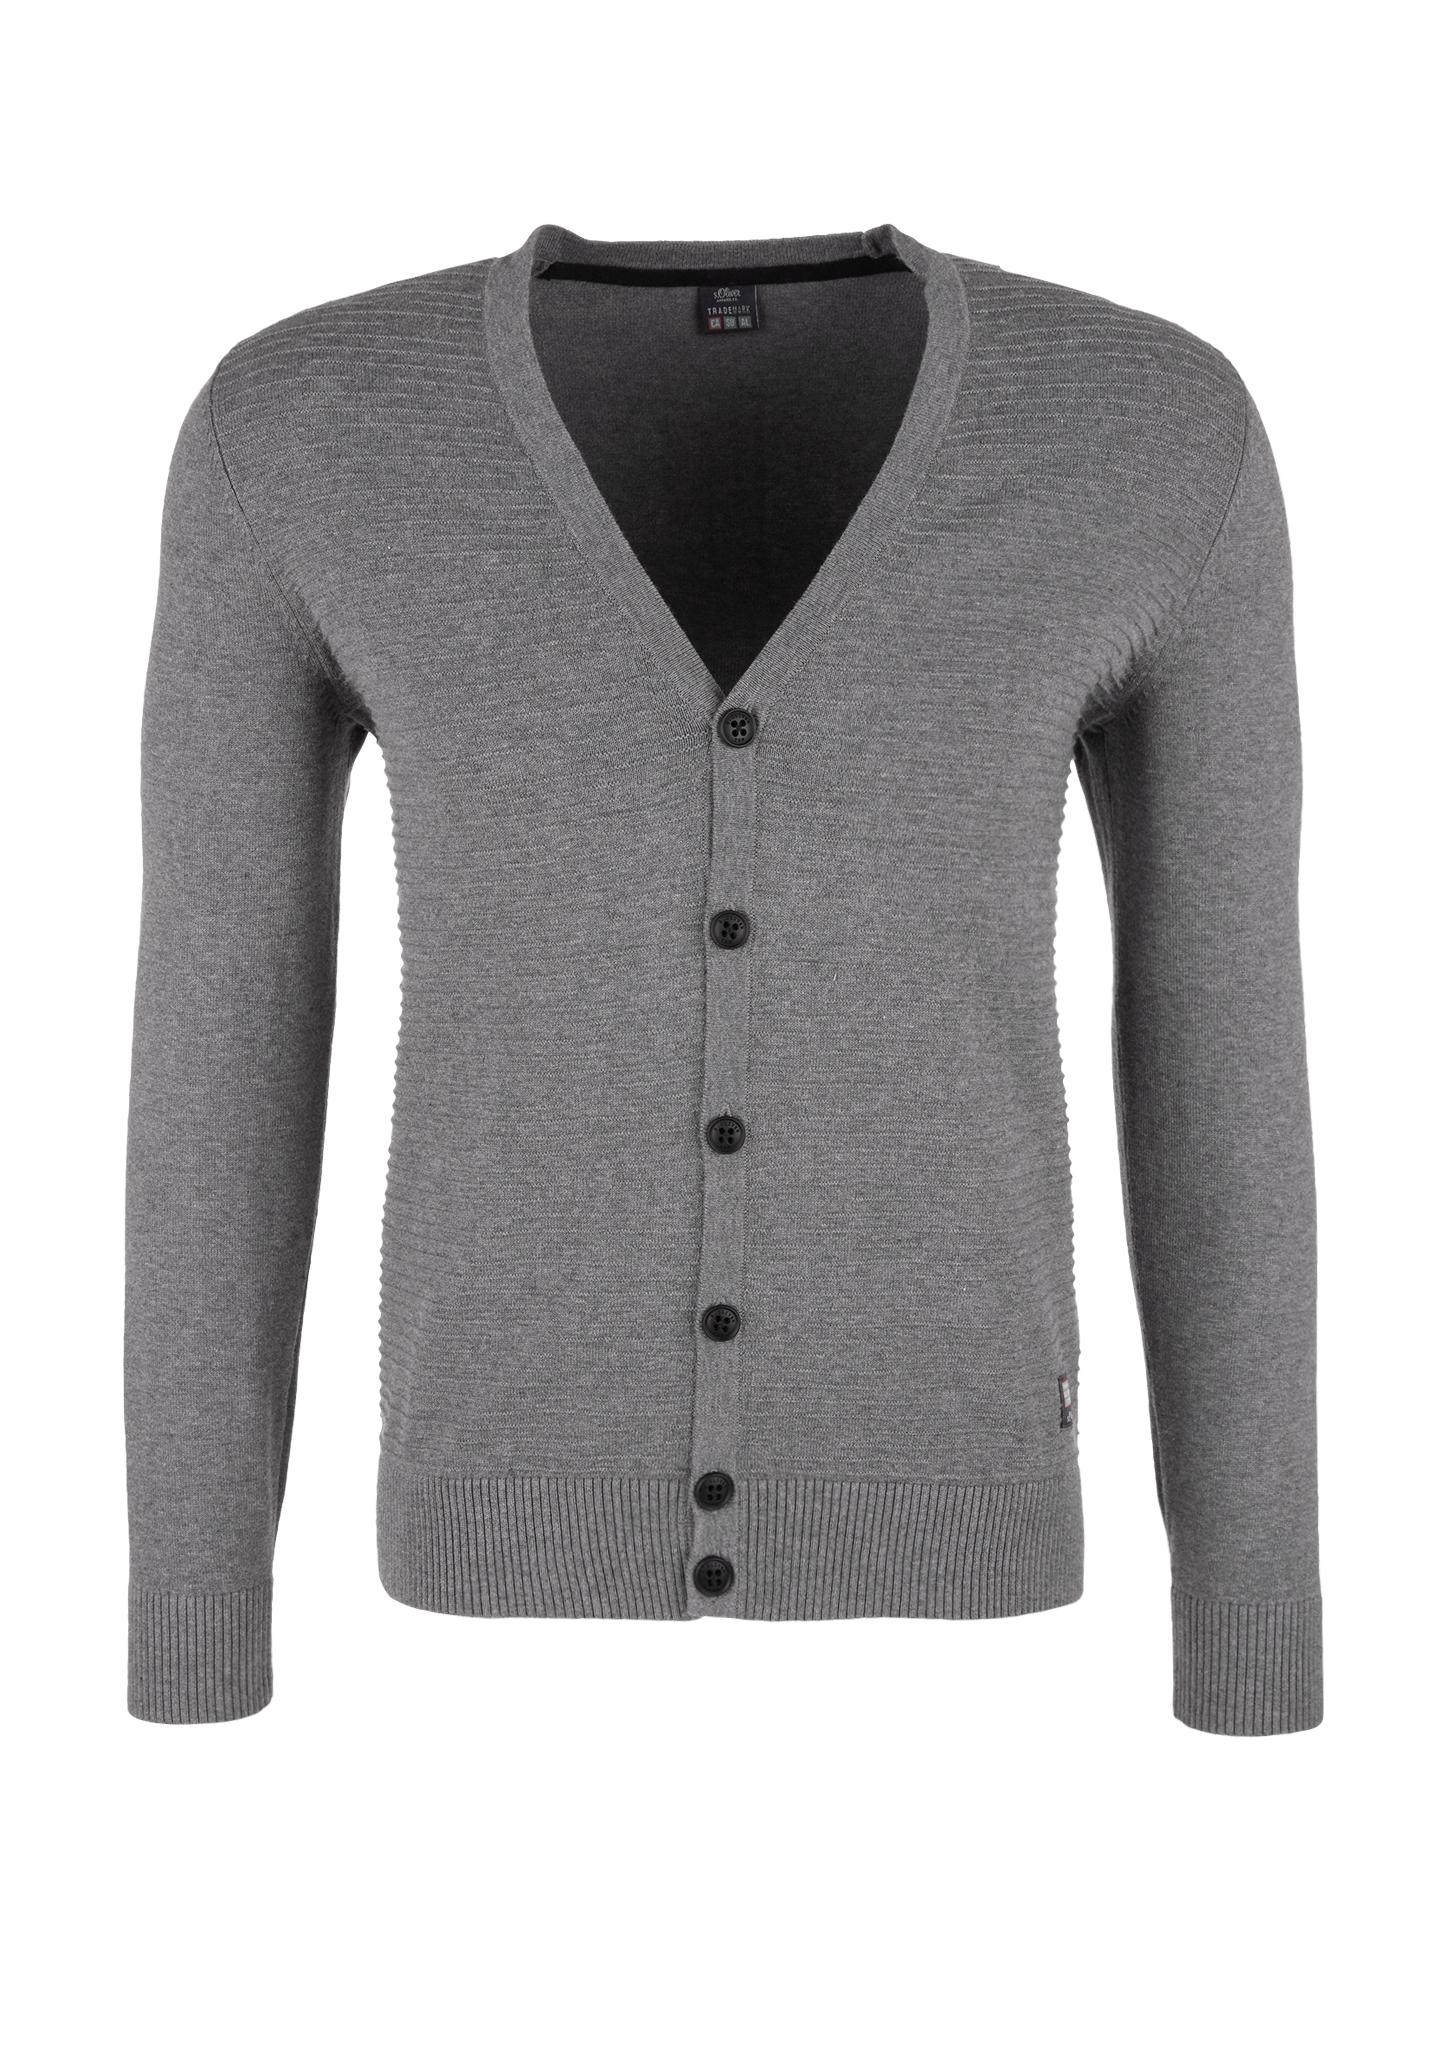 Strickjacke   Bekleidung > Strickjacken & Cardigans   Grau/schwarz   100% baumwolle   s.Oliver